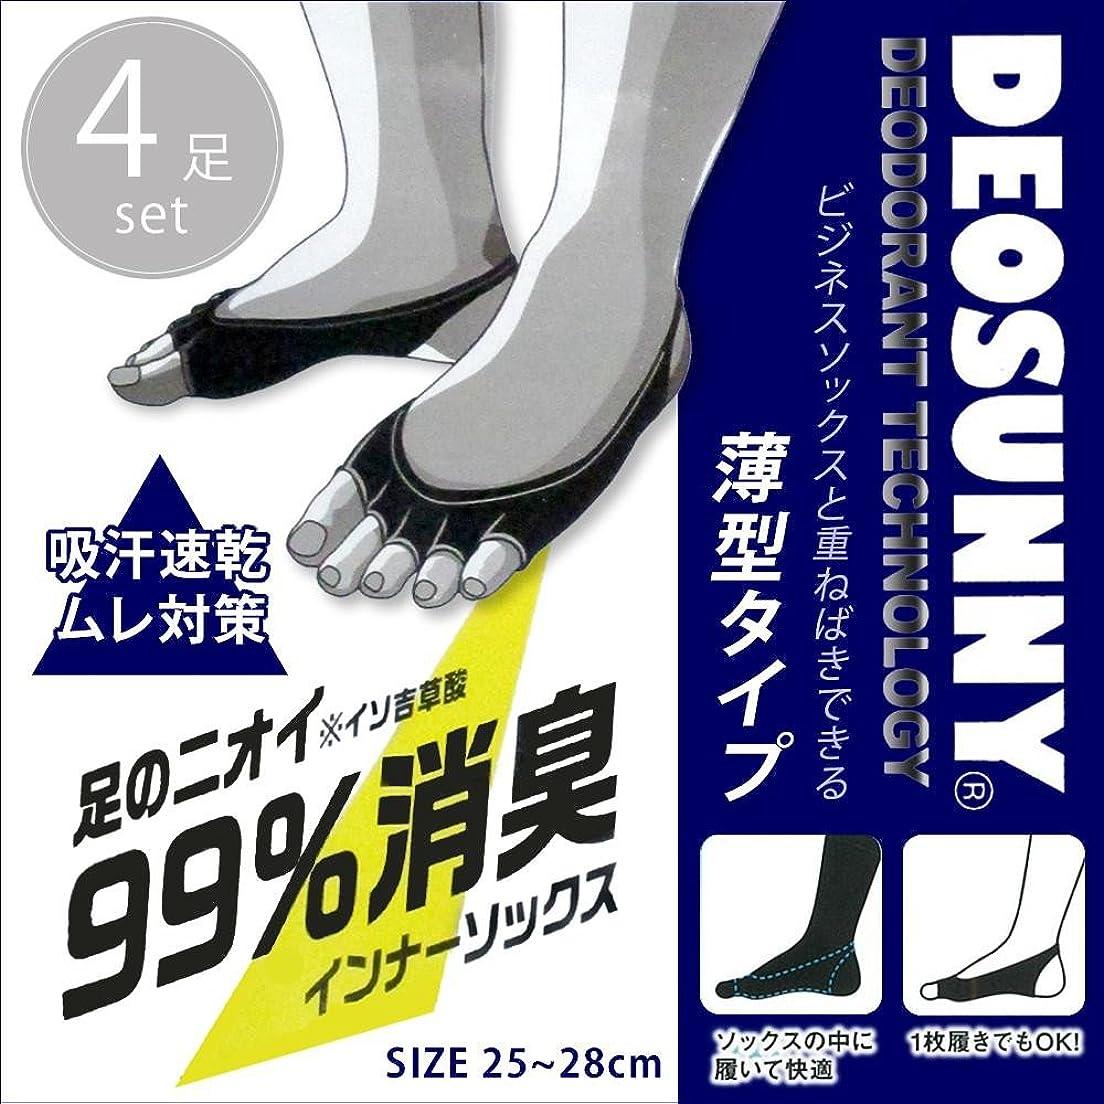 原因メロン共同選択DEOSUNNY デオサニー 高機能消臭 抗菌防臭×吸汗速乾 インナーソックス メンズ ブラック ×4足セット